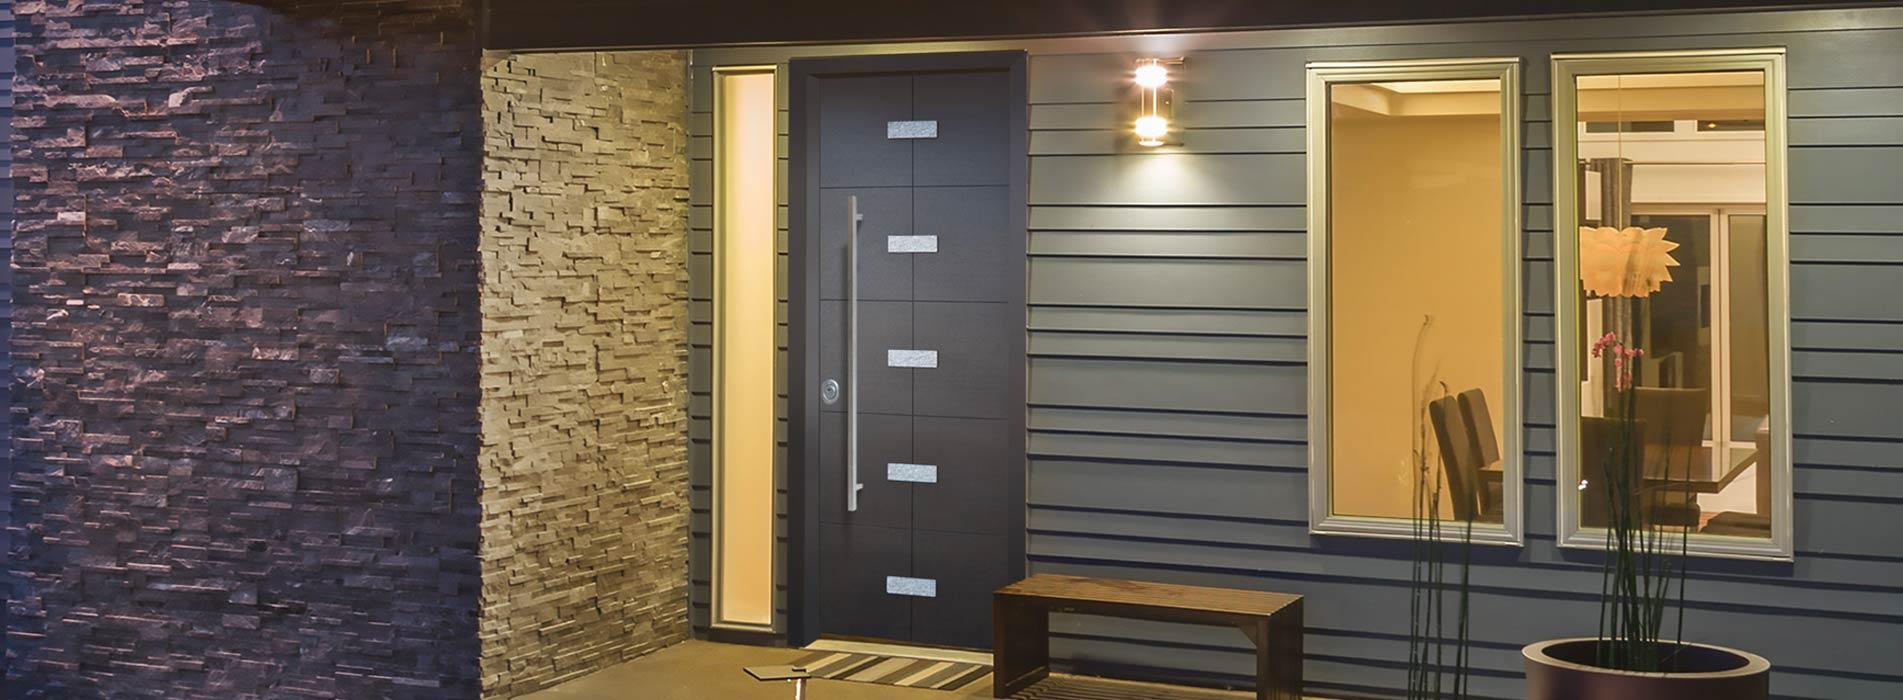 porte per esterno e portoncini ingresso